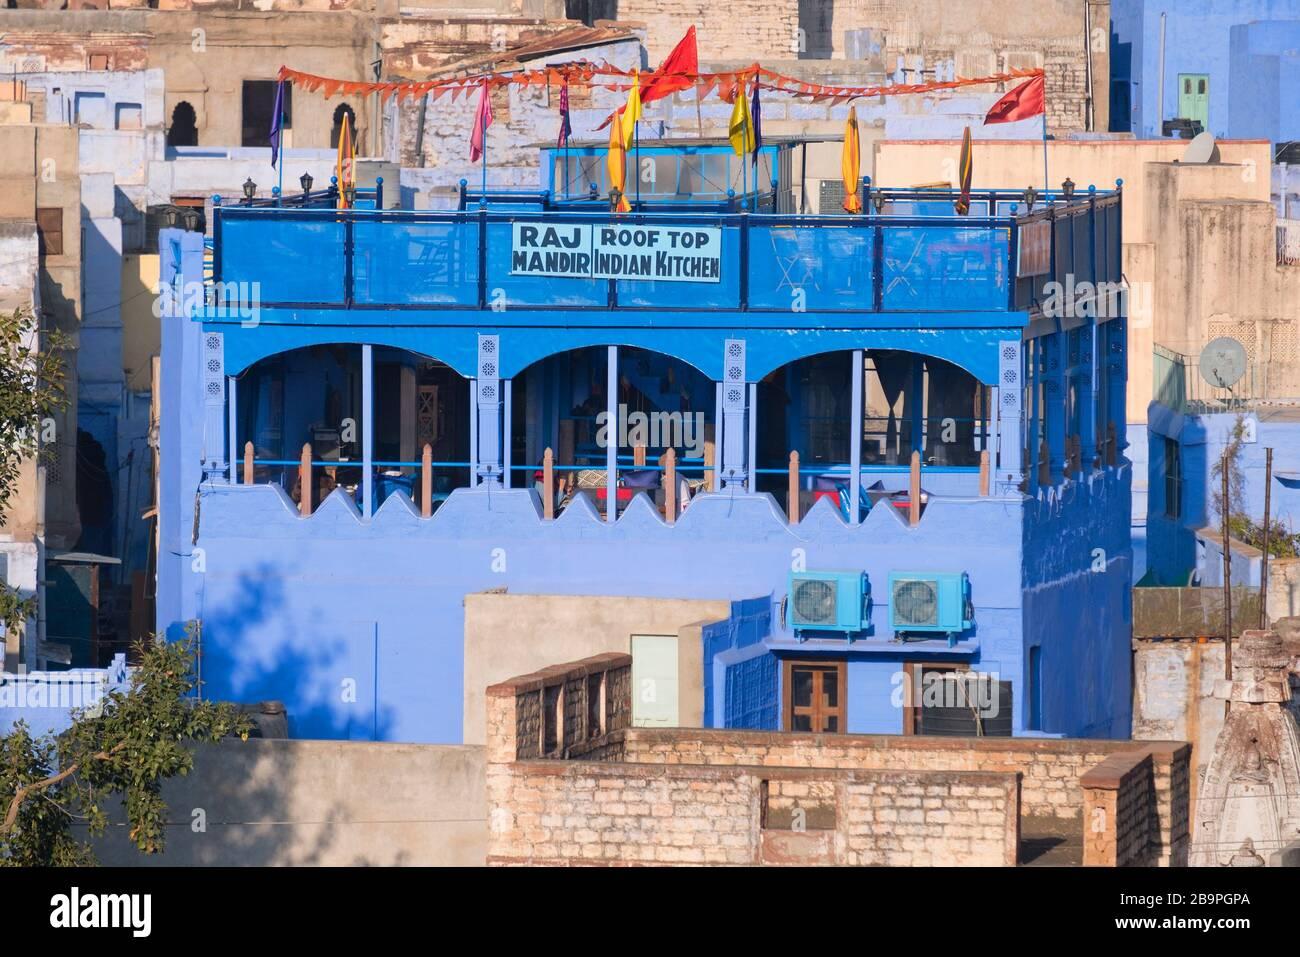 Raj Mandir toit cuisine indienne Blue City Jodhpur Rajasthan Inde Banque D'Images